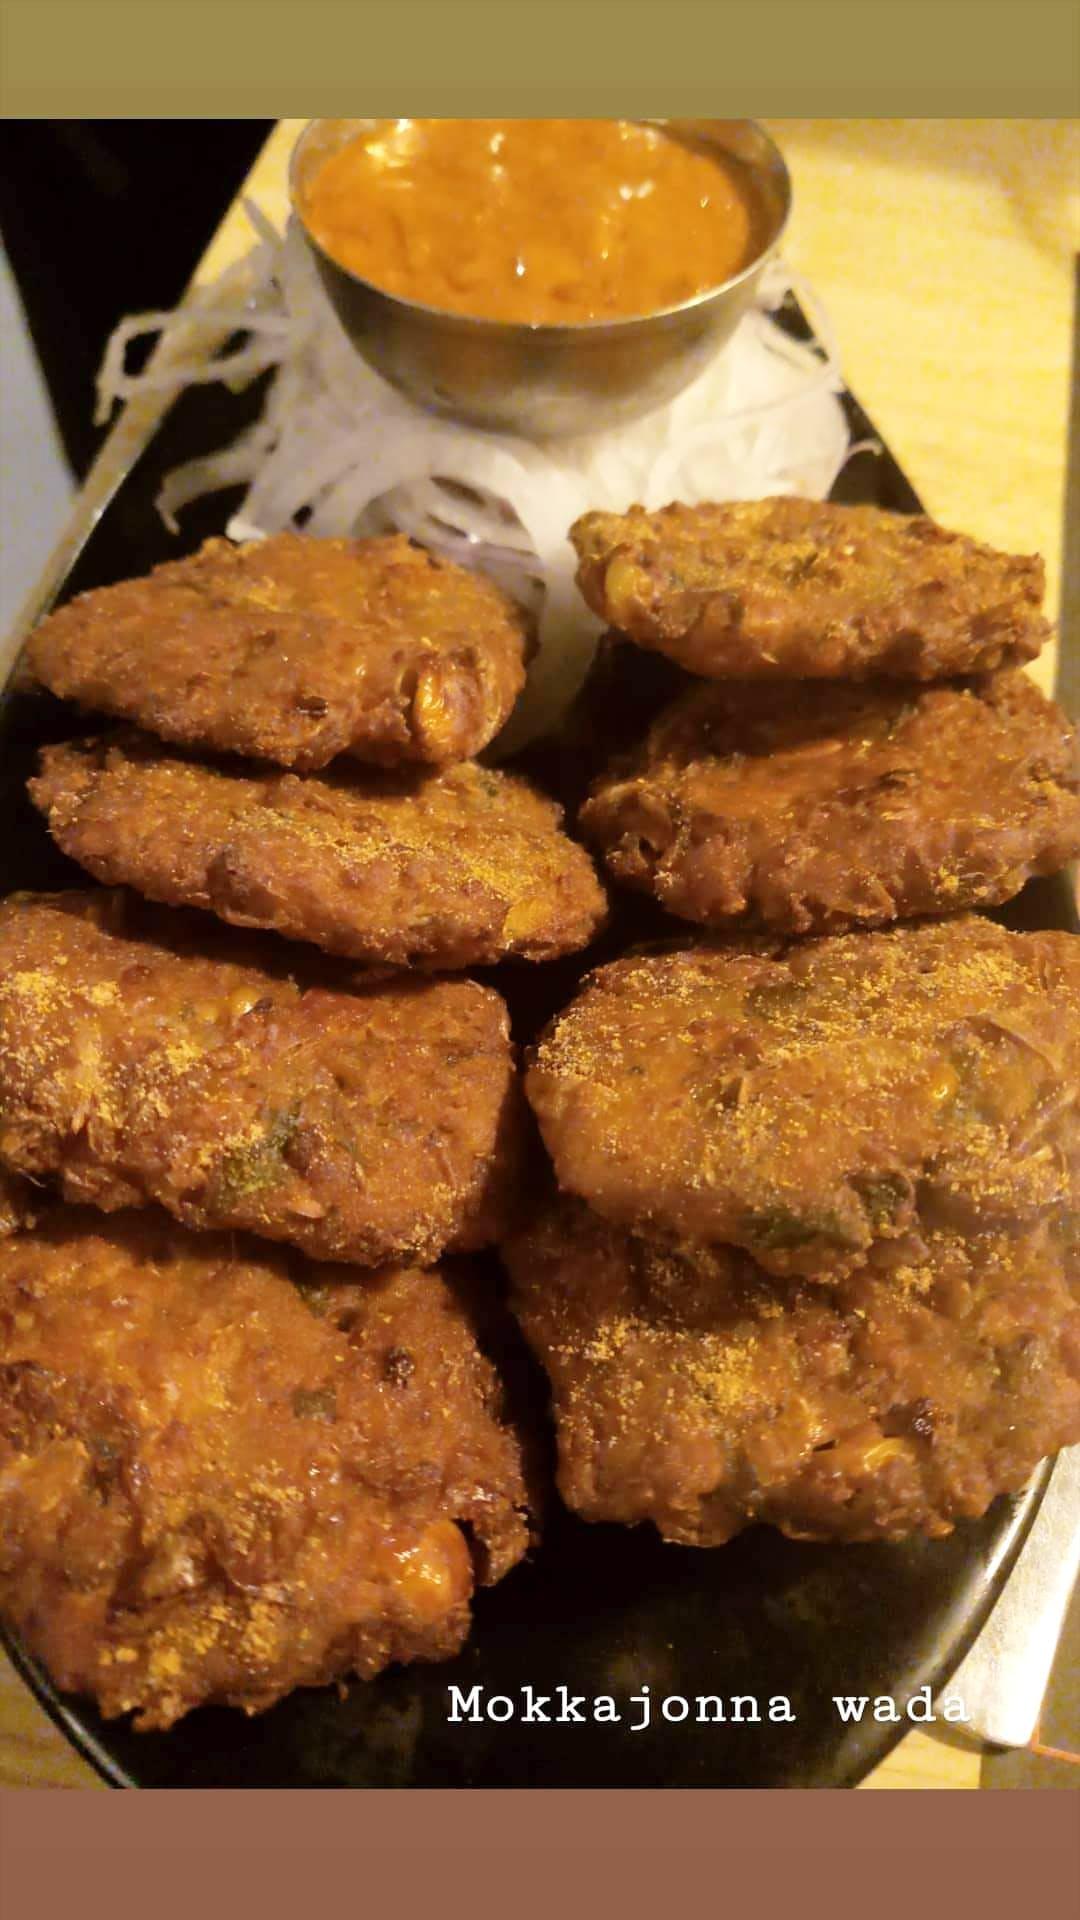 Dish,Food,Cuisine,Shami kebab,Ingredient,Fried food,Mititei,Kofta,Produce,Kofte kebab